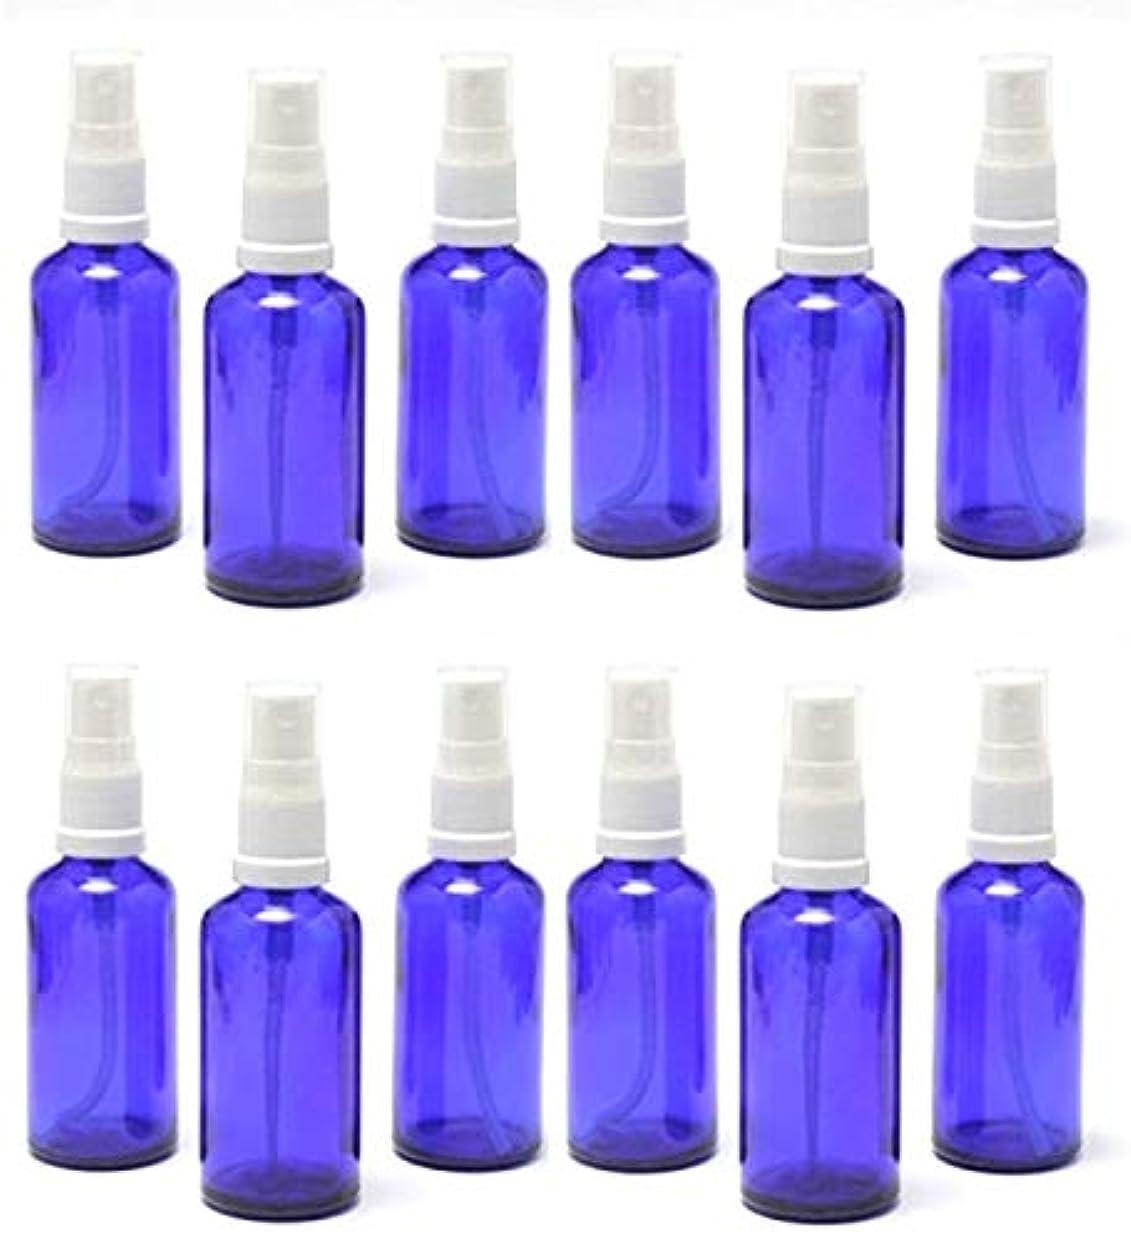 シャット敬意ほこり遮光瓶 スプレーボトル 50ml コバルトブルー/ホワイトヘッド(グラス/アトマイザー)【 アウトレット商品 】 (4) 12本セット)